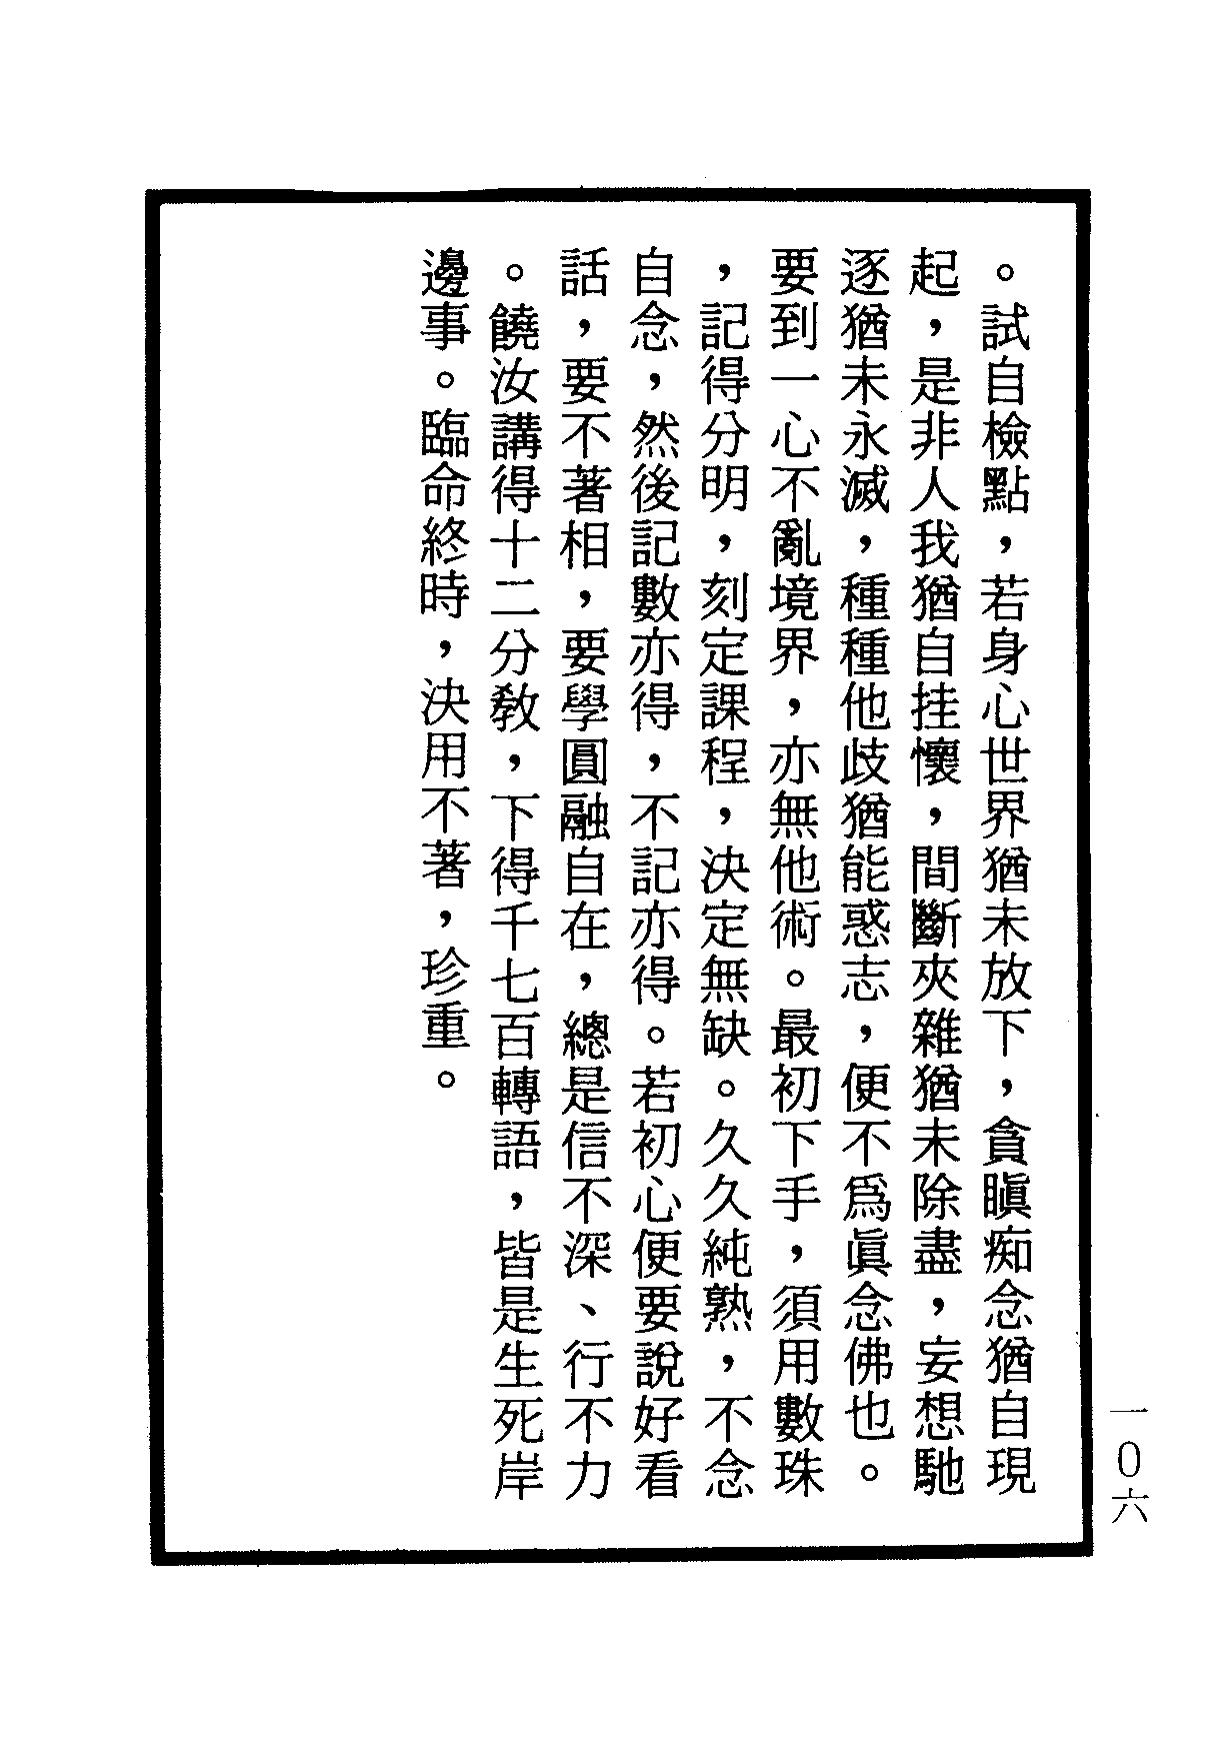 楞嚴咒-大悲咒-十小咒-易背本 112.png